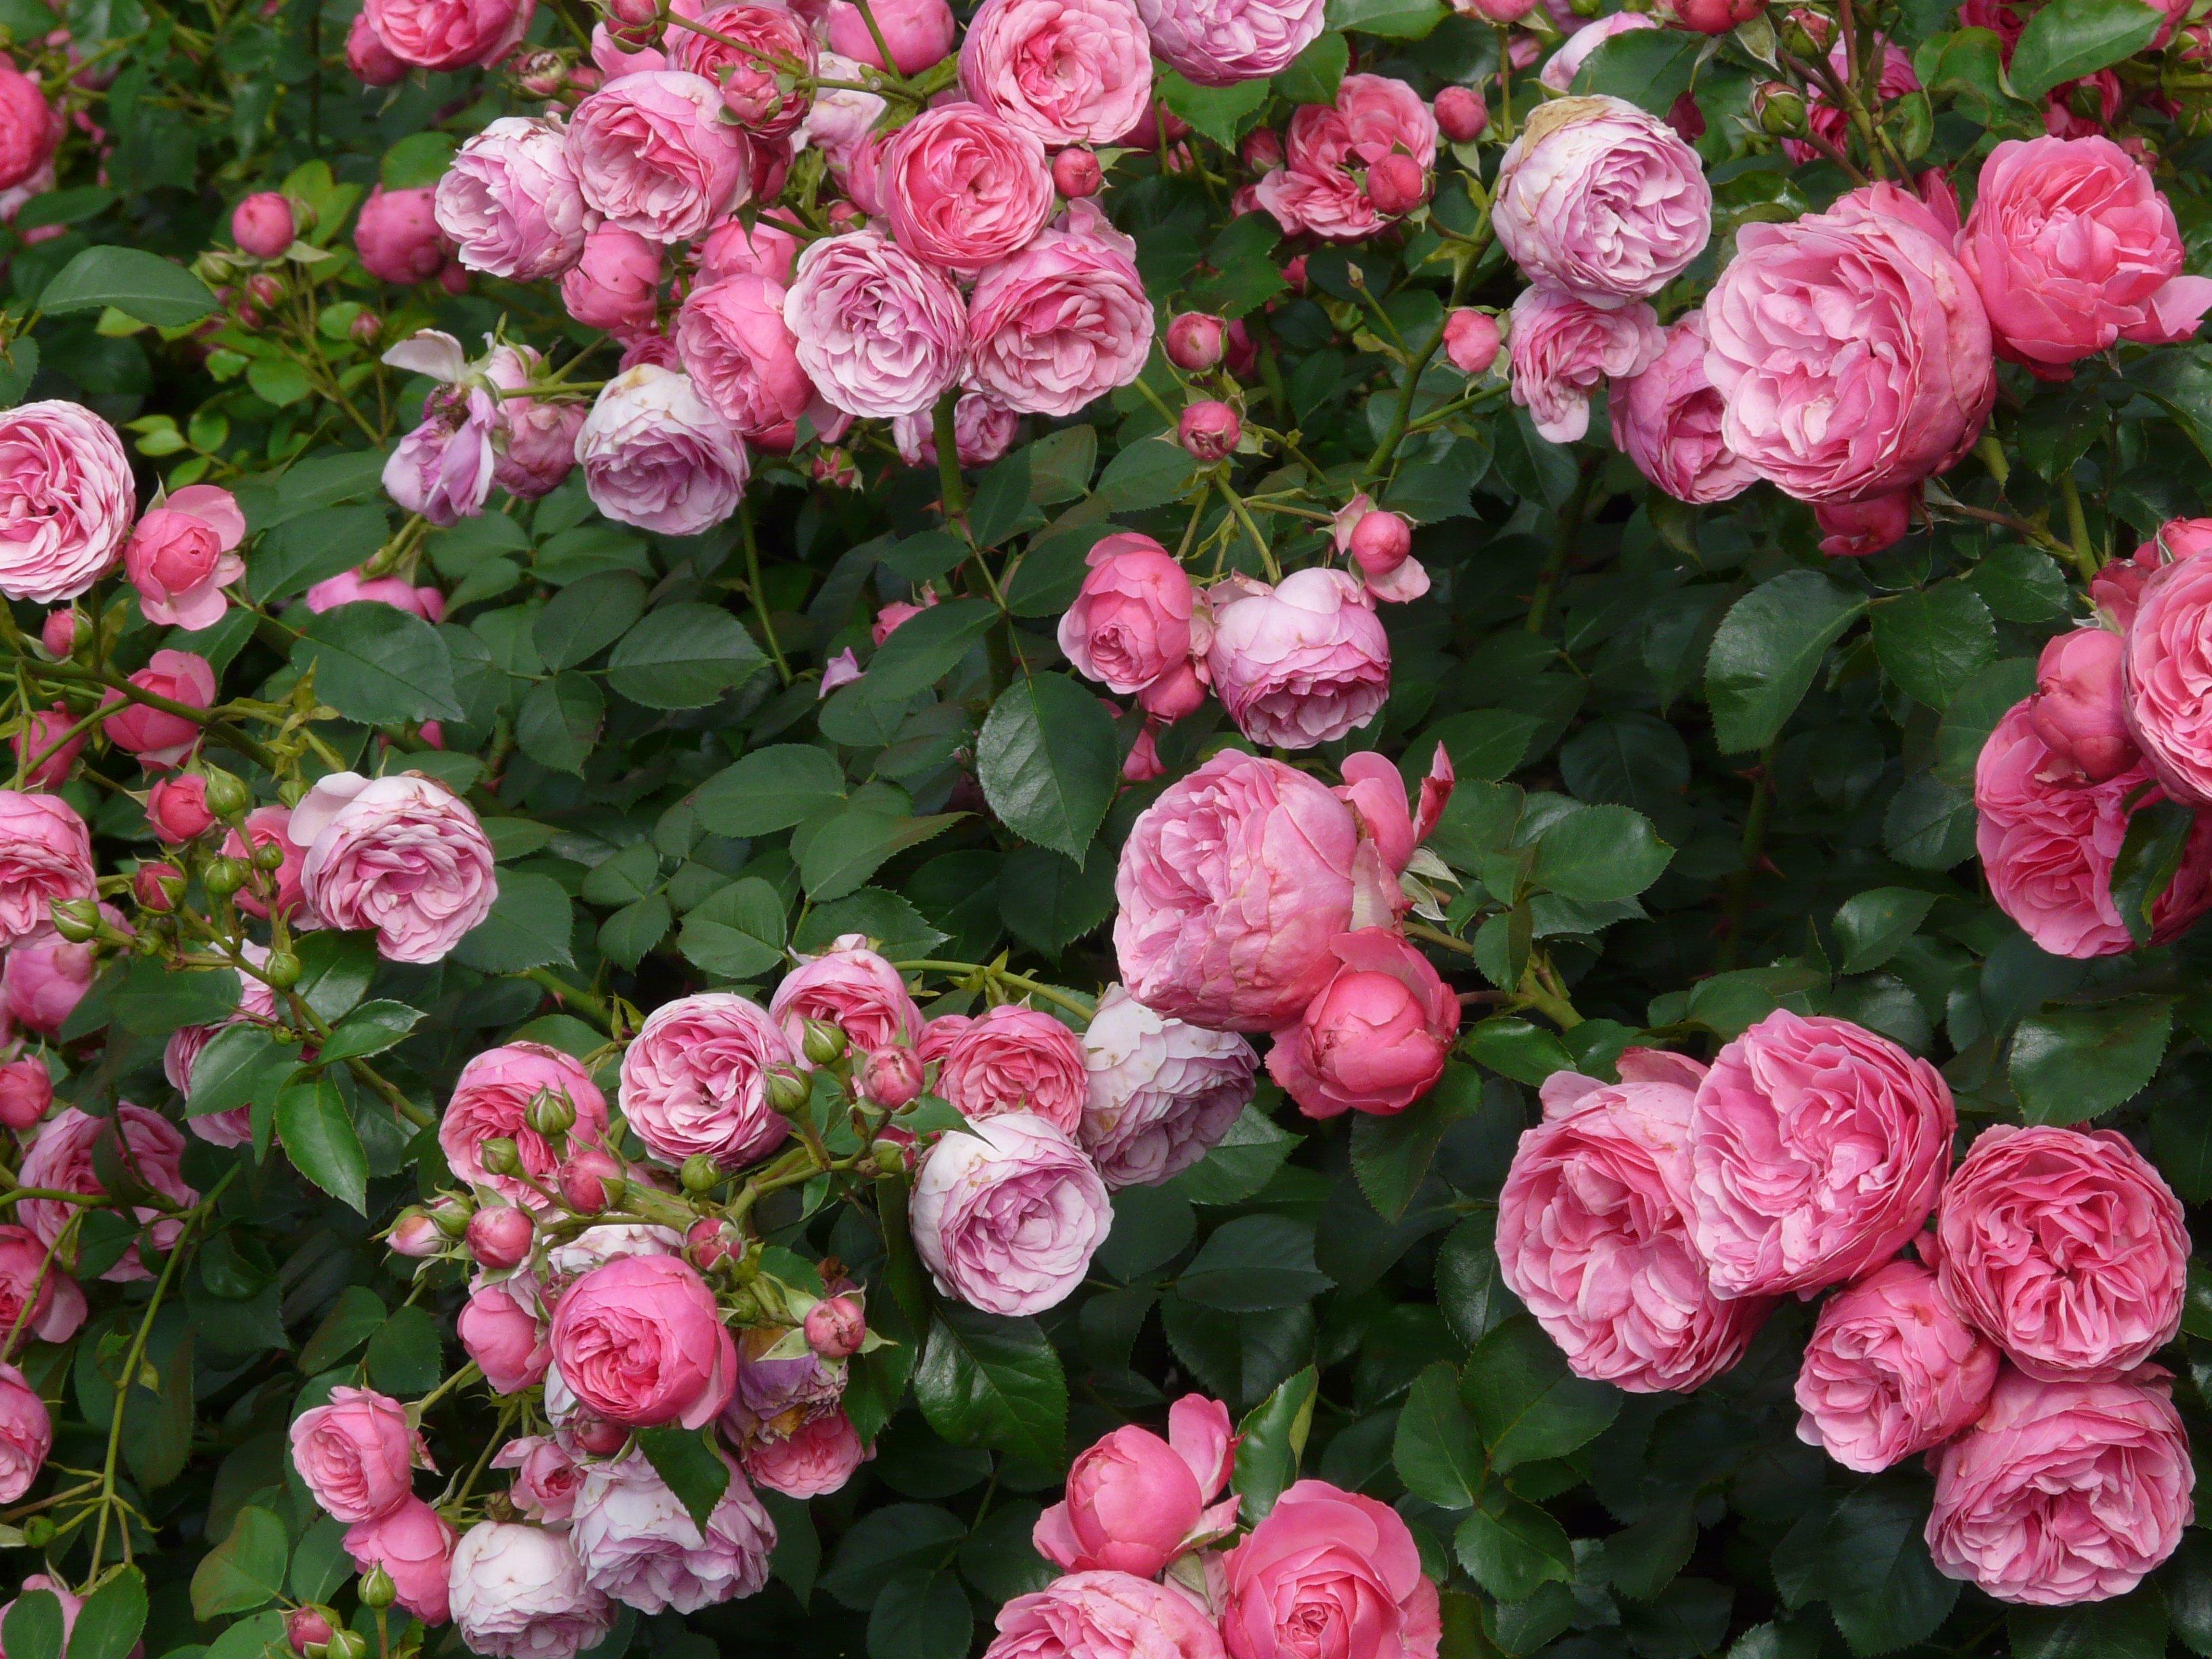 85449 Salvapantallas y fondos de pantalla Flores en tu teléfono. Descarga imágenes de Flores, Arbusto, Cogollos, Brotes, Roses gratis